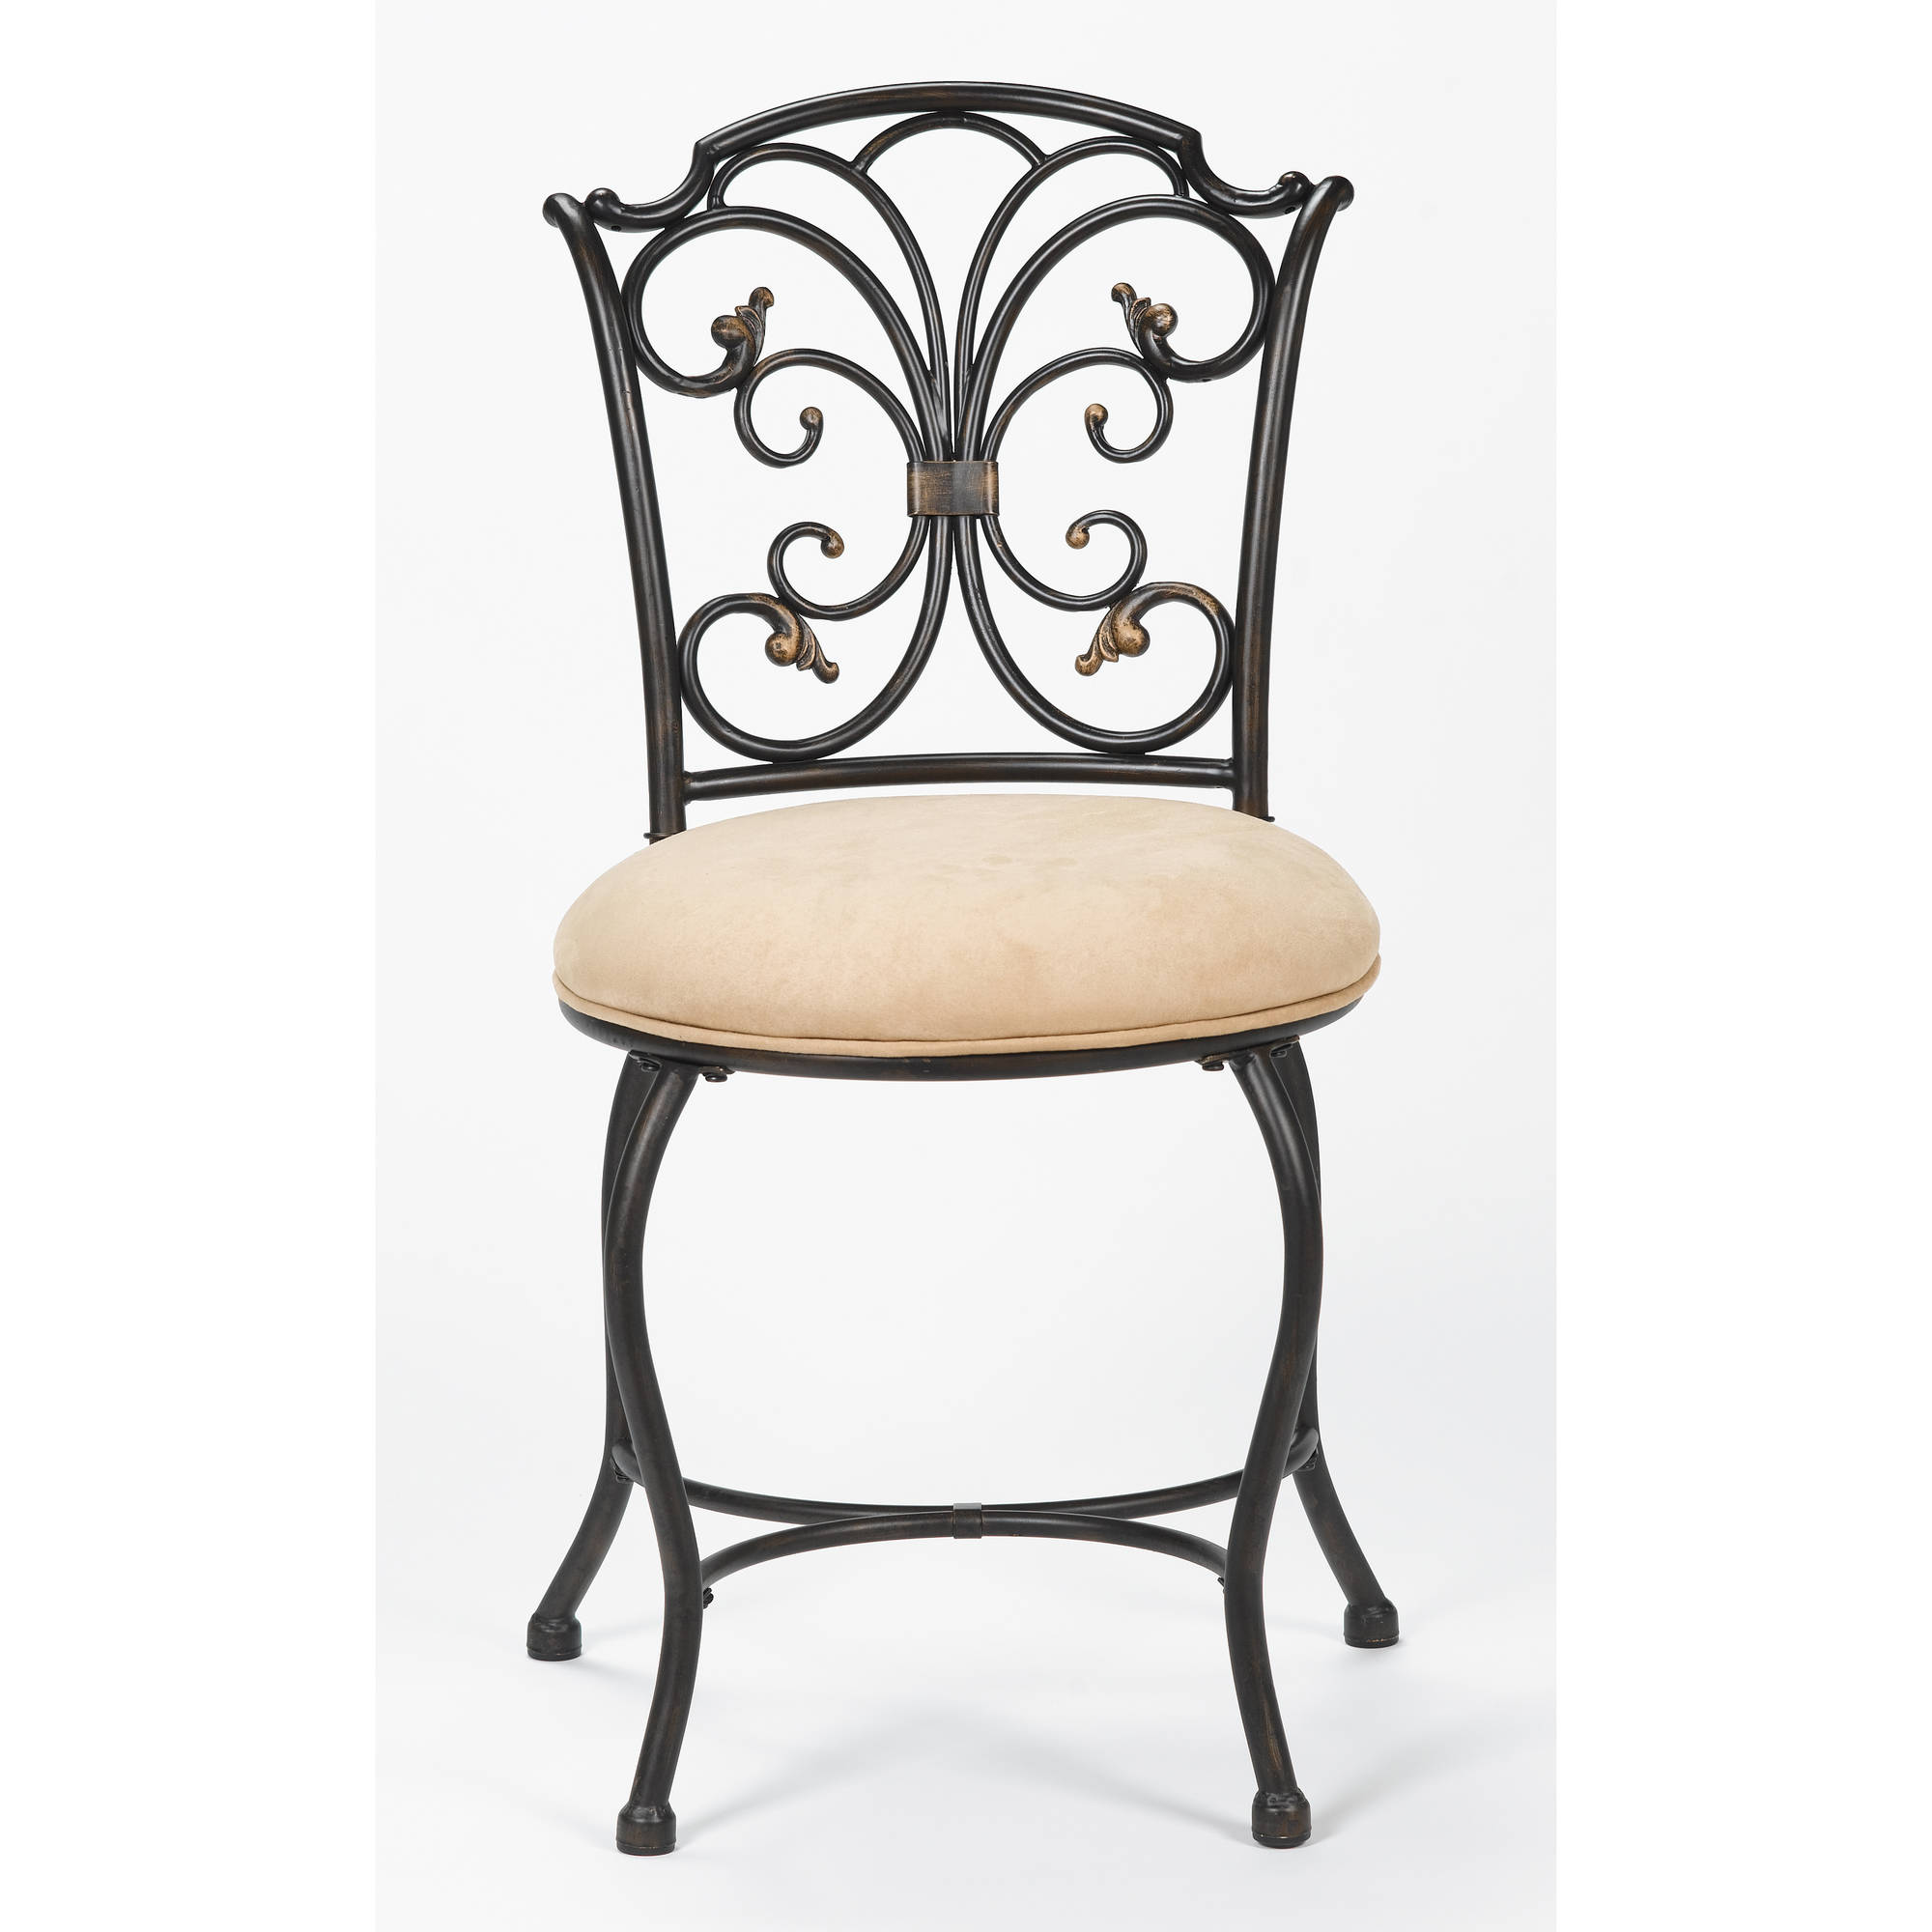 stool walmart com safavieh vanity ip bathroom georgia stools